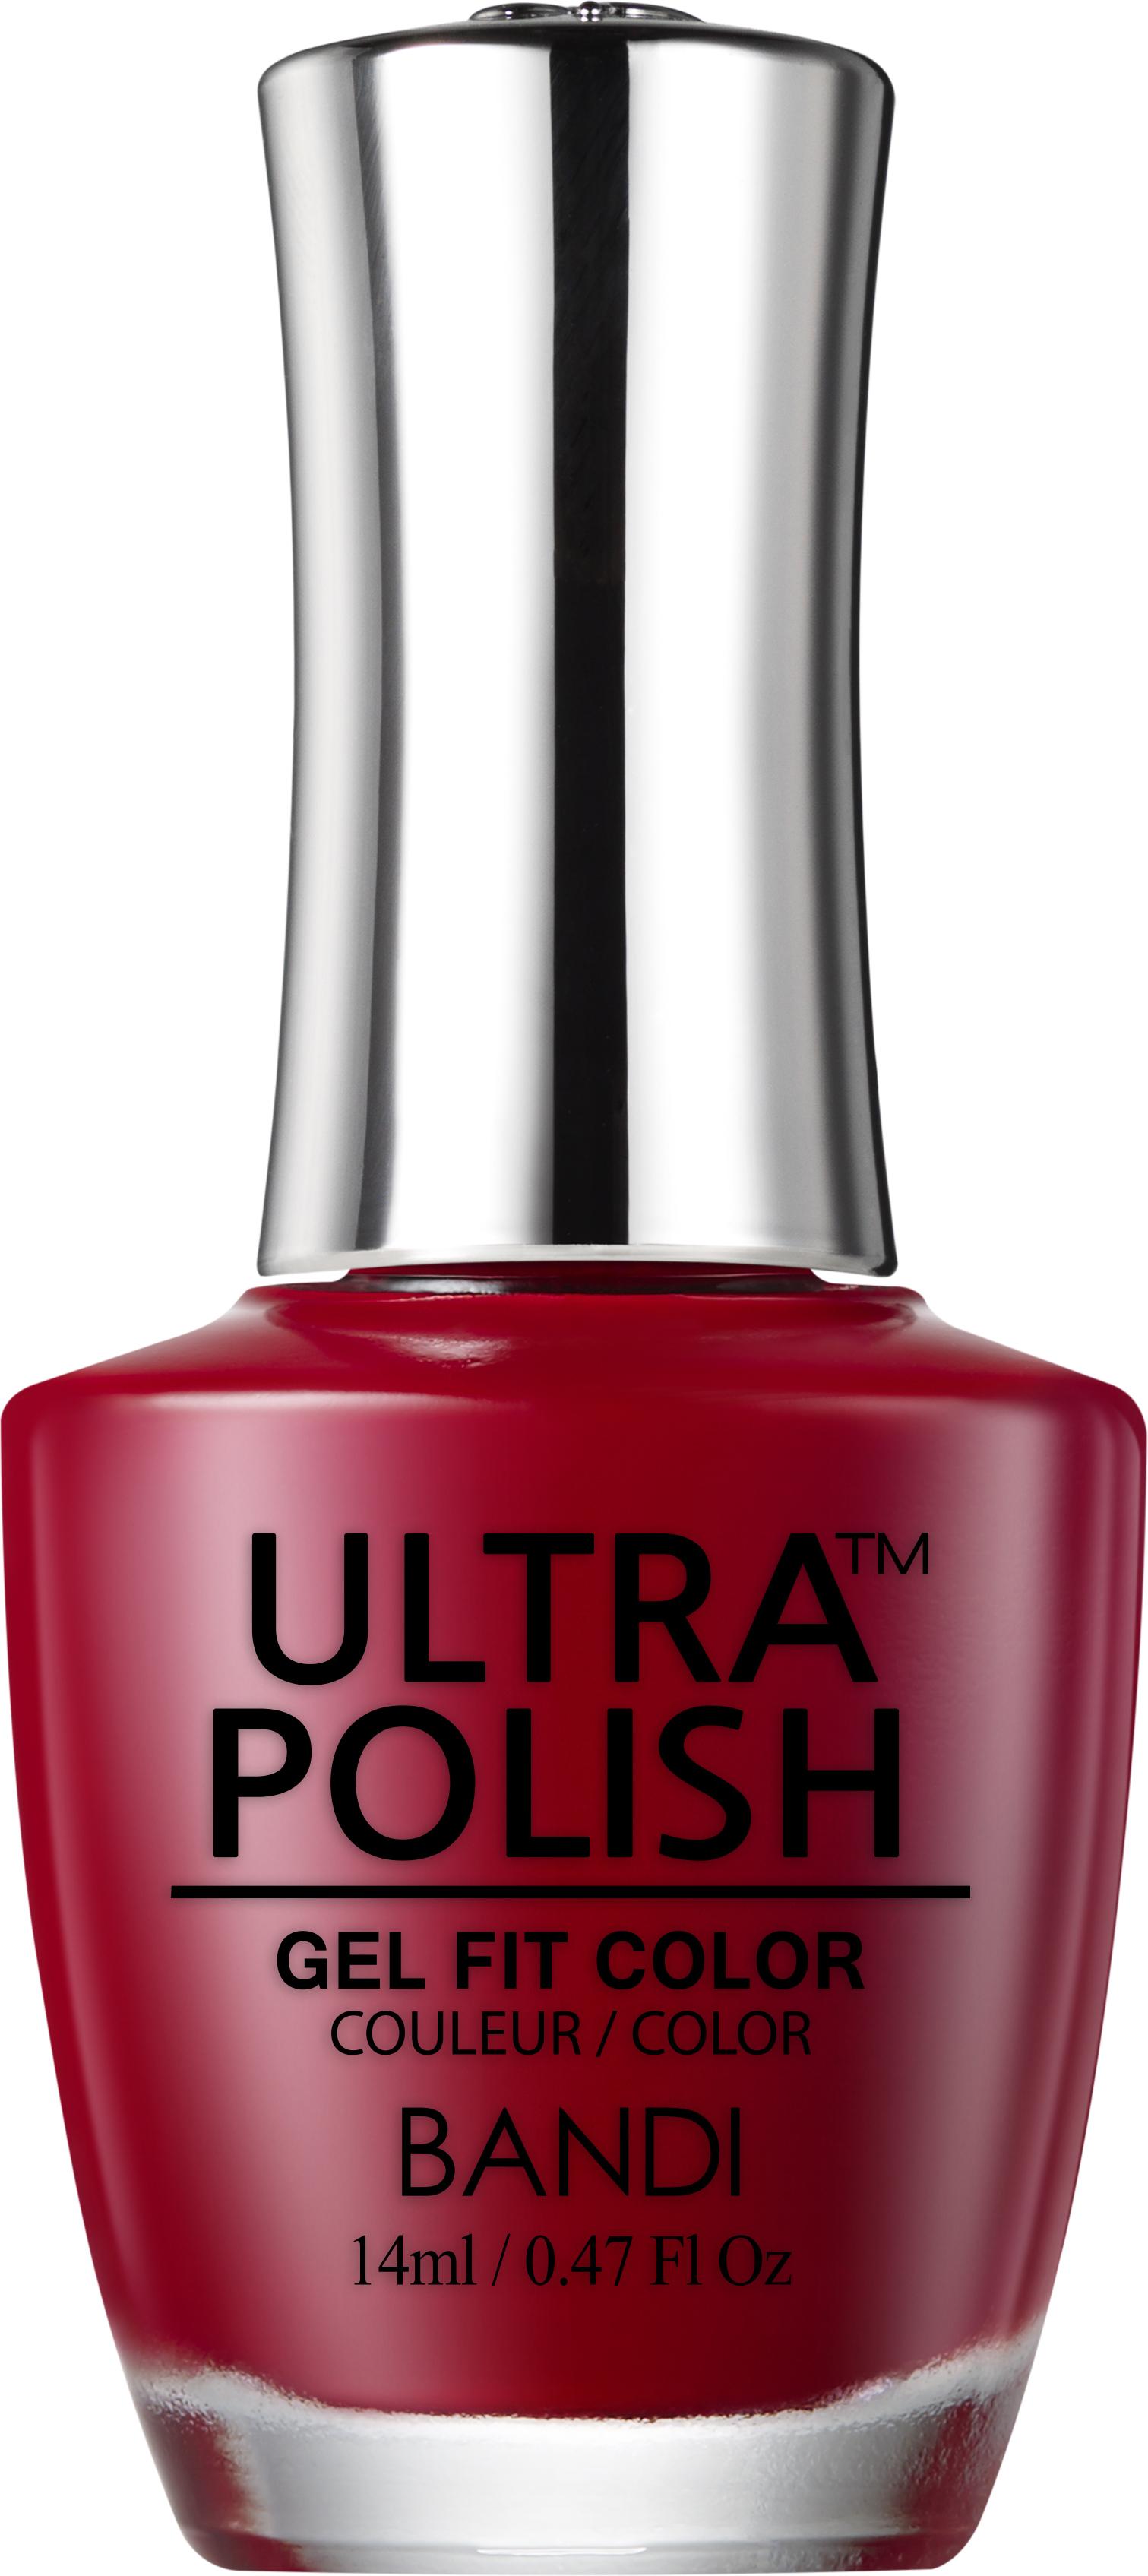 BANDI UP508 ультра-покрытие долговременное цветное для ногтей / ULTRA POLISH GEL FIT COLOR 14 мл